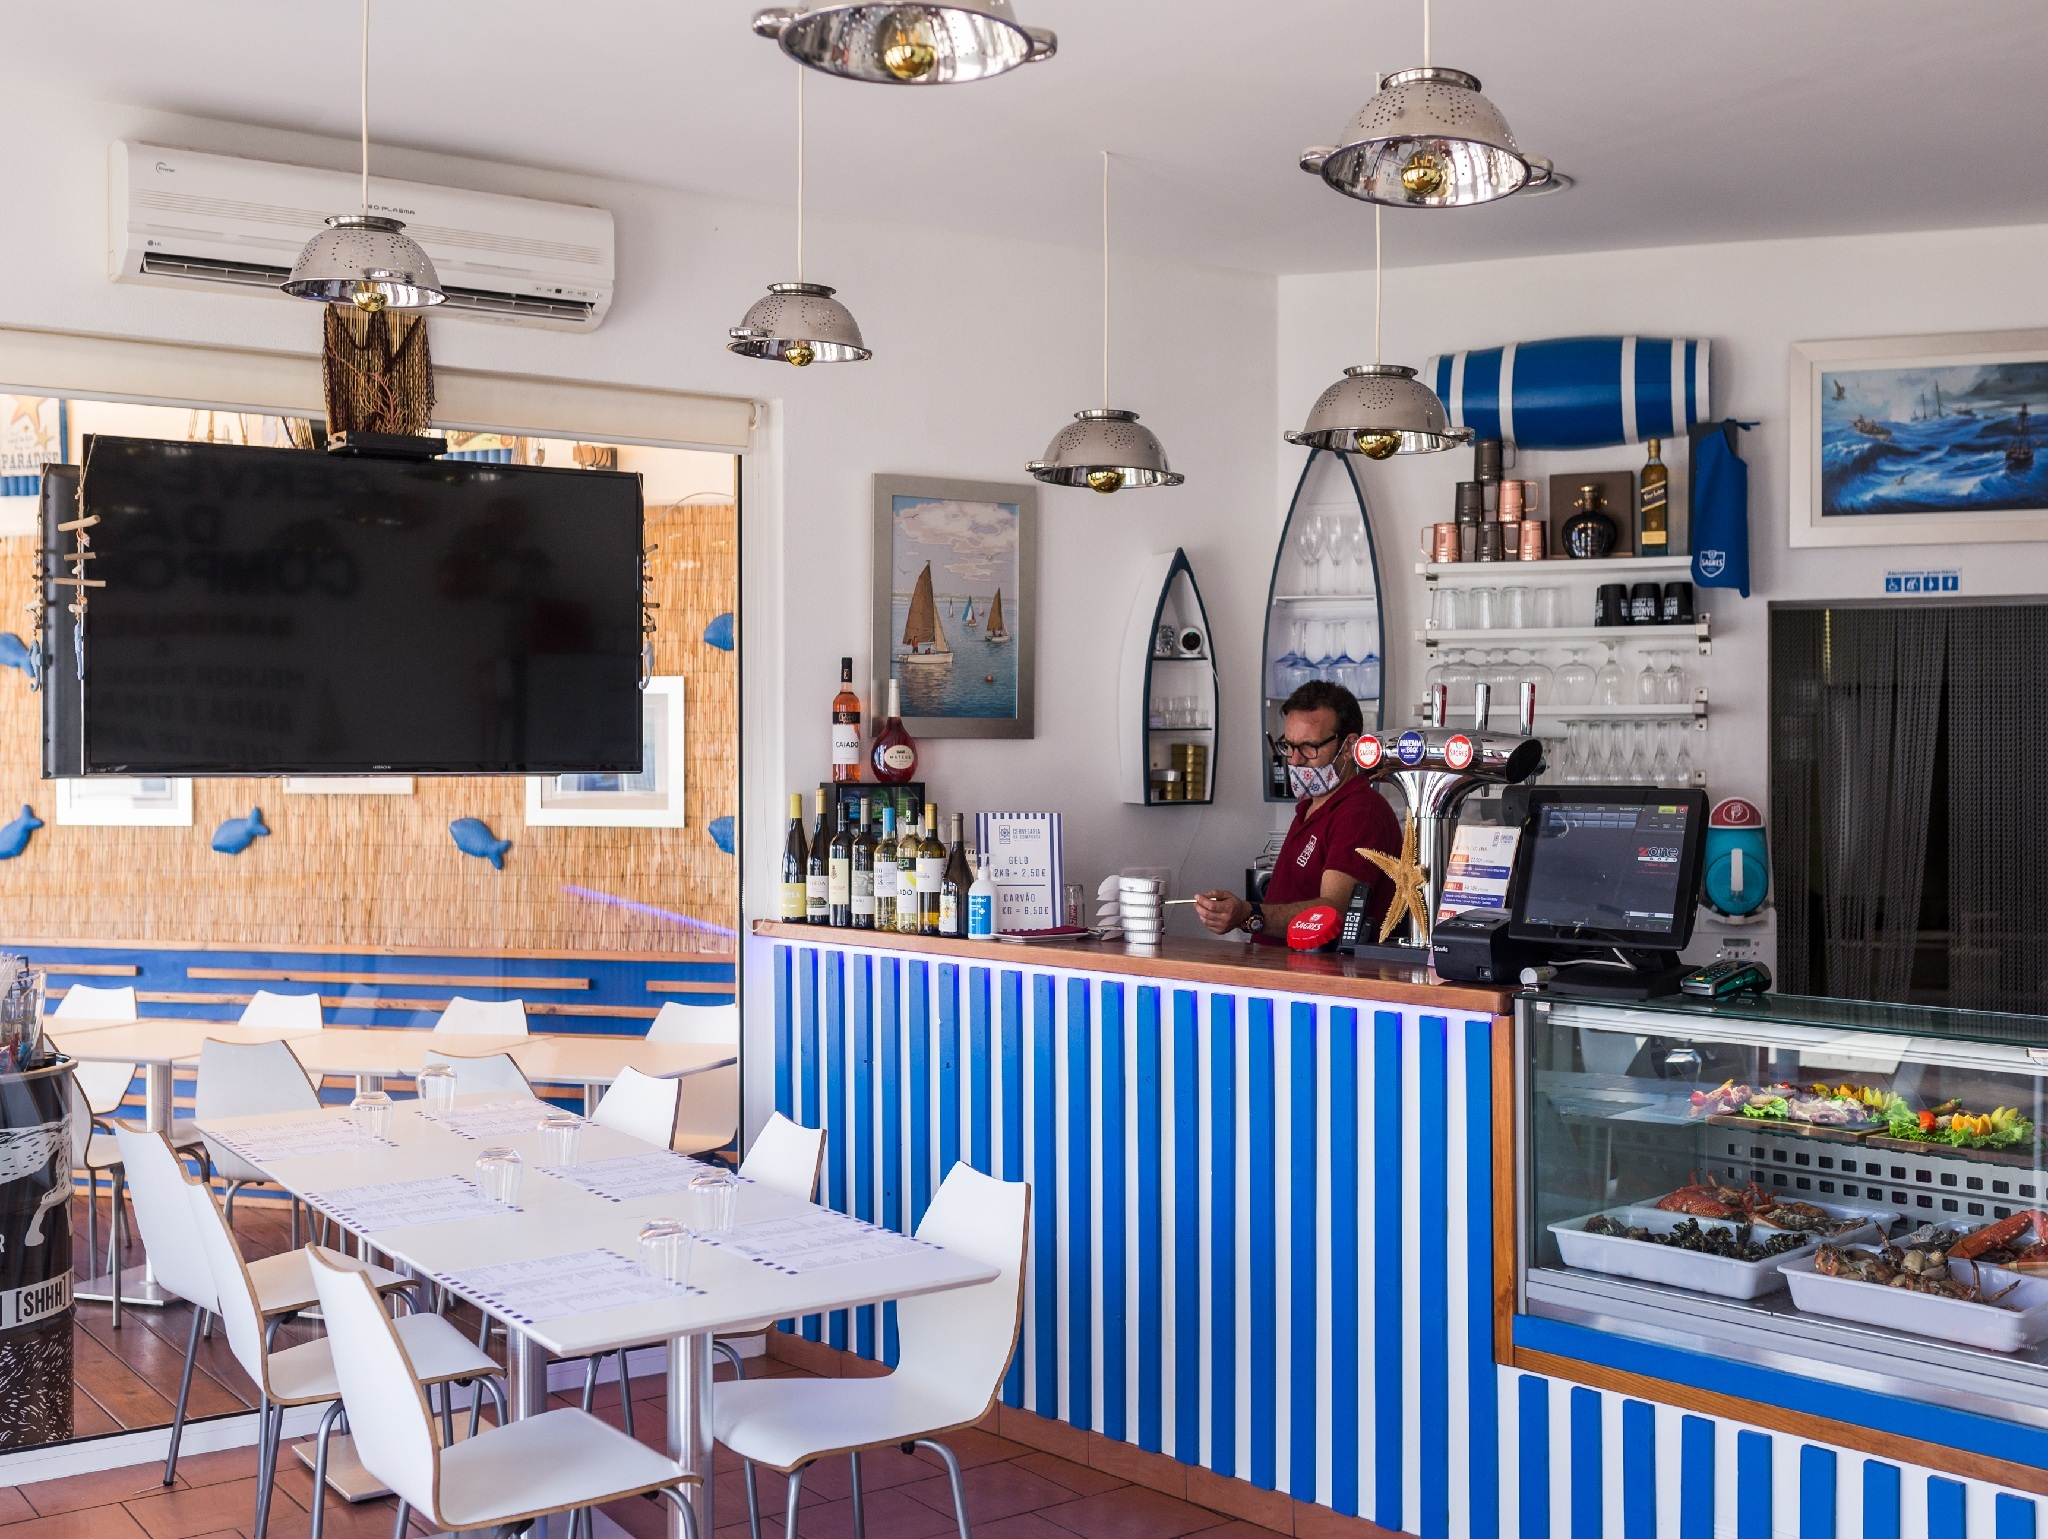 Restaurante, Marisqueira, Cervejaria da Comporta